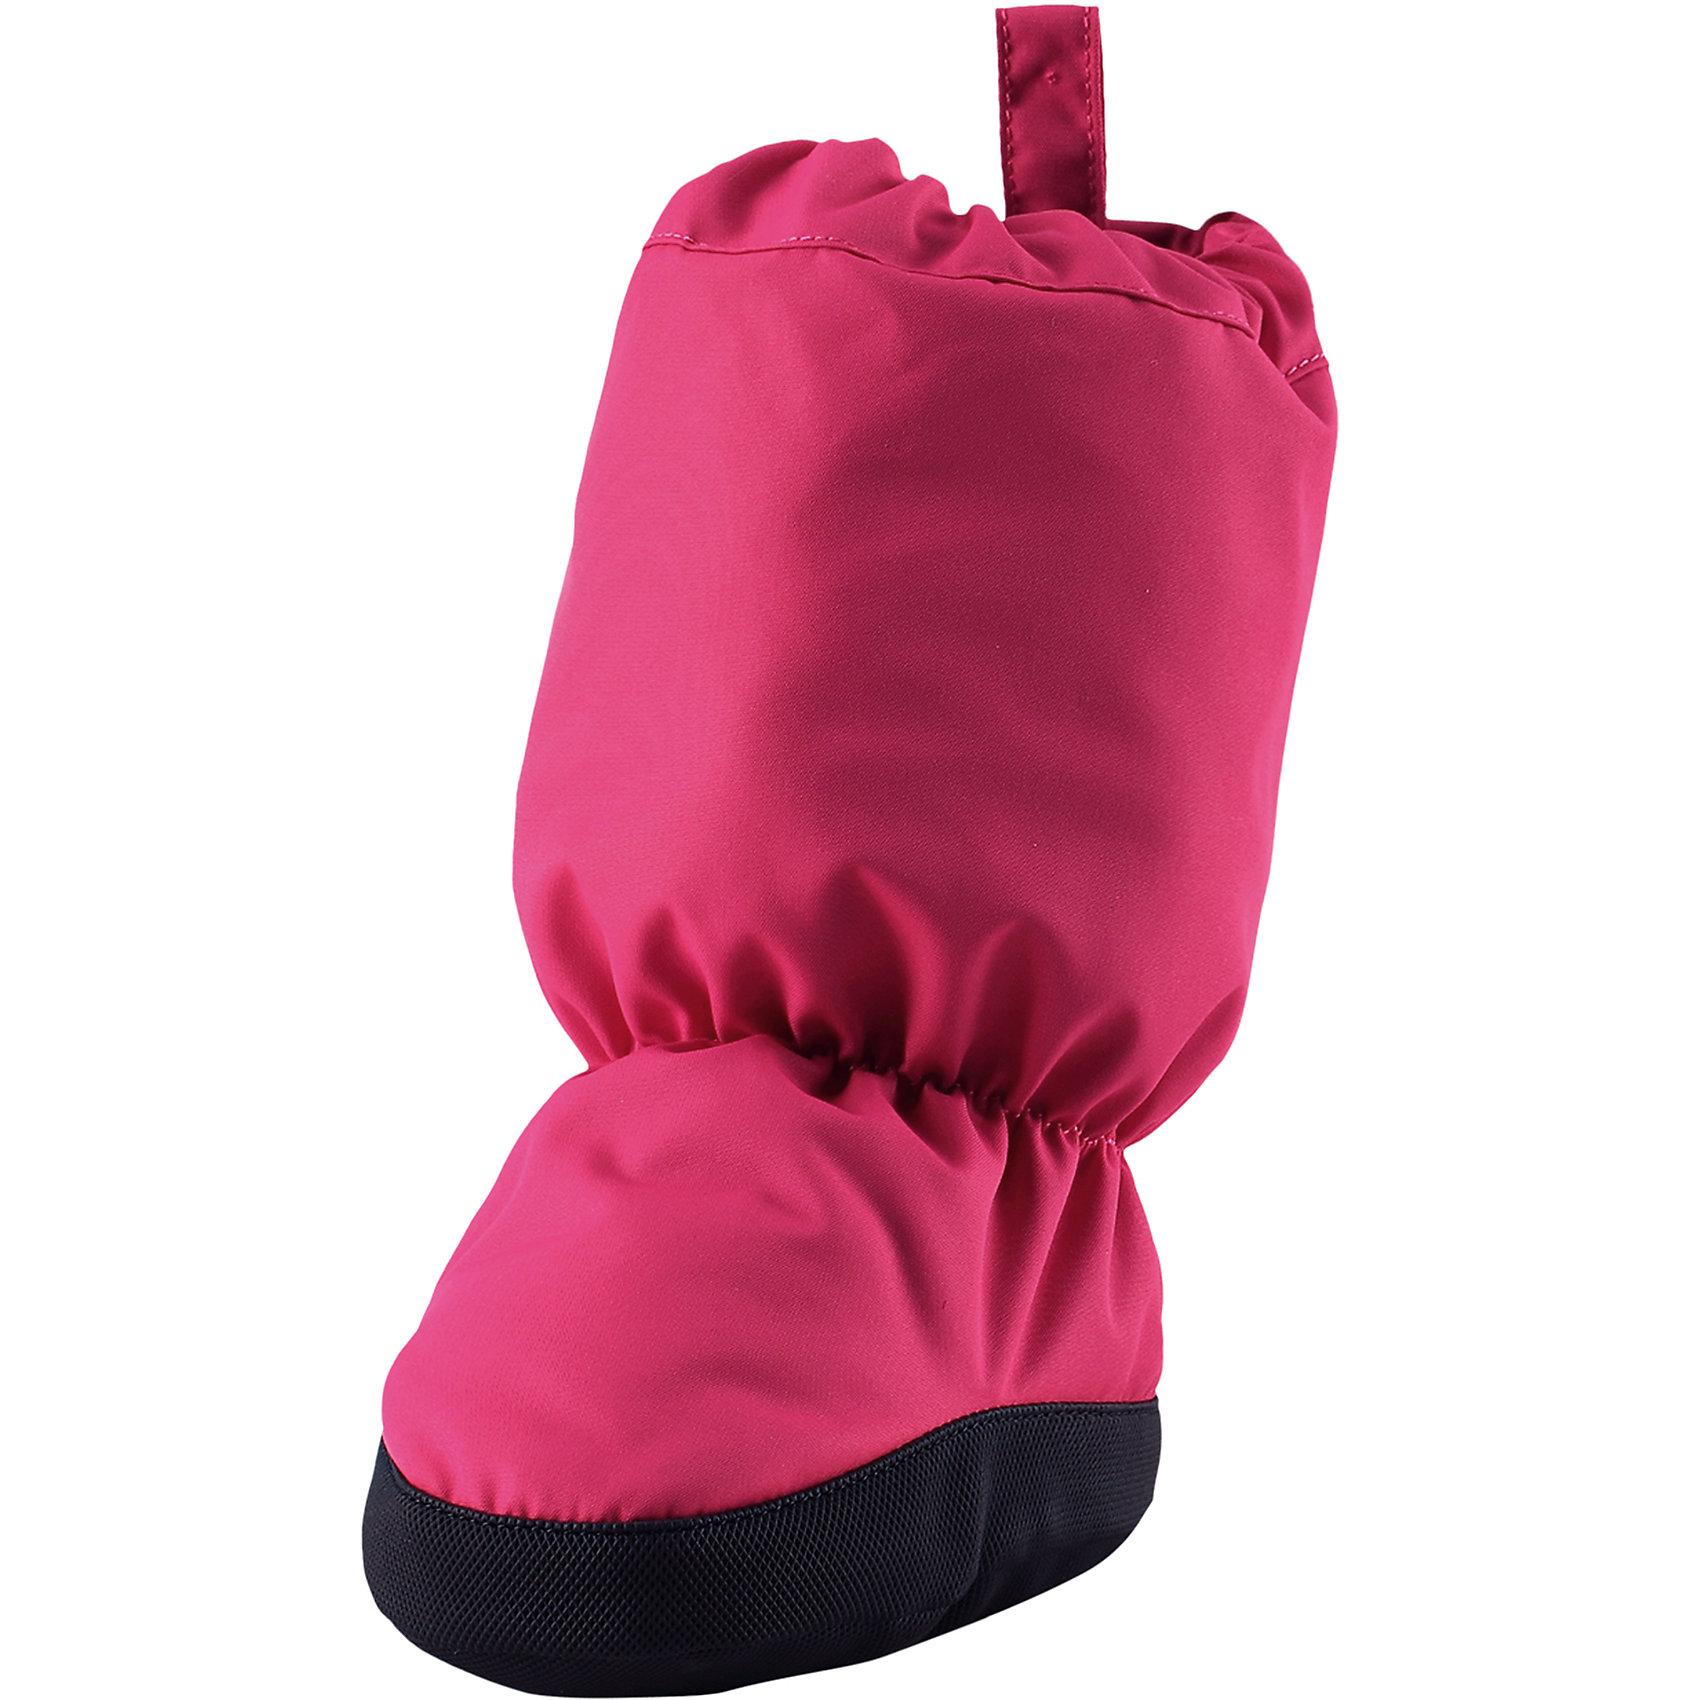 Пинетки Reima AnturaПинетки<br>Характеристики товара:<br><br>• цвет: розовый;<br>• состав: 100% полиэстер;<br>• утеплитель: 200 г/м2 (comfort insulation);<br>• температурный режим: от -10 до -25С;<br>• сезон: зима; <br>• водонепроницаемость: 15000 мм;<br>• воздухопроницаемость: 7000 мм;<br>• износостойкость: 40000 (тест Мартиндейла);<br>• особенности модели: на подкладке;<br>• водонепроницаемый прочный материал;<br>• ветронепроницаемый и грязеотталкивающий материал;<br>• подкладка из полиэстера с небольшим начесом;<br>• антискользящая поверхность подошвы;<br>• логотип Reima;<br>• страна бренда: Финляндия;<br>• страна изготовитель: Китай.<br><br>Зимние пинетки изготовлены из дышащего водонепроницаемого материала, однако швы в них не проклеены – так что лужи придется обходить! Ребристая нескользящая подошва поможет сделать первые шаги на свежем воздухе, кроме того, материал отталкивает грязь. А с мягкой трикотажной подкладкой с начесом в пинетках невероятно удобно. <br><br>Пинетки Antura Reima от финского бренда Reima (Рейма) можно купить в нашем интернет-магазине.<br><br>Ширина мм: 152<br>Глубина мм: 126<br>Высота мм: 93<br>Вес г: 242<br>Цвет: розовый<br>Возраст от месяцев: 12<br>Возраст до месяцев: 18<br>Пол: Унисекс<br>Возраст: Детский<br>Размер: 2,0,1<br>SKU: 6908714